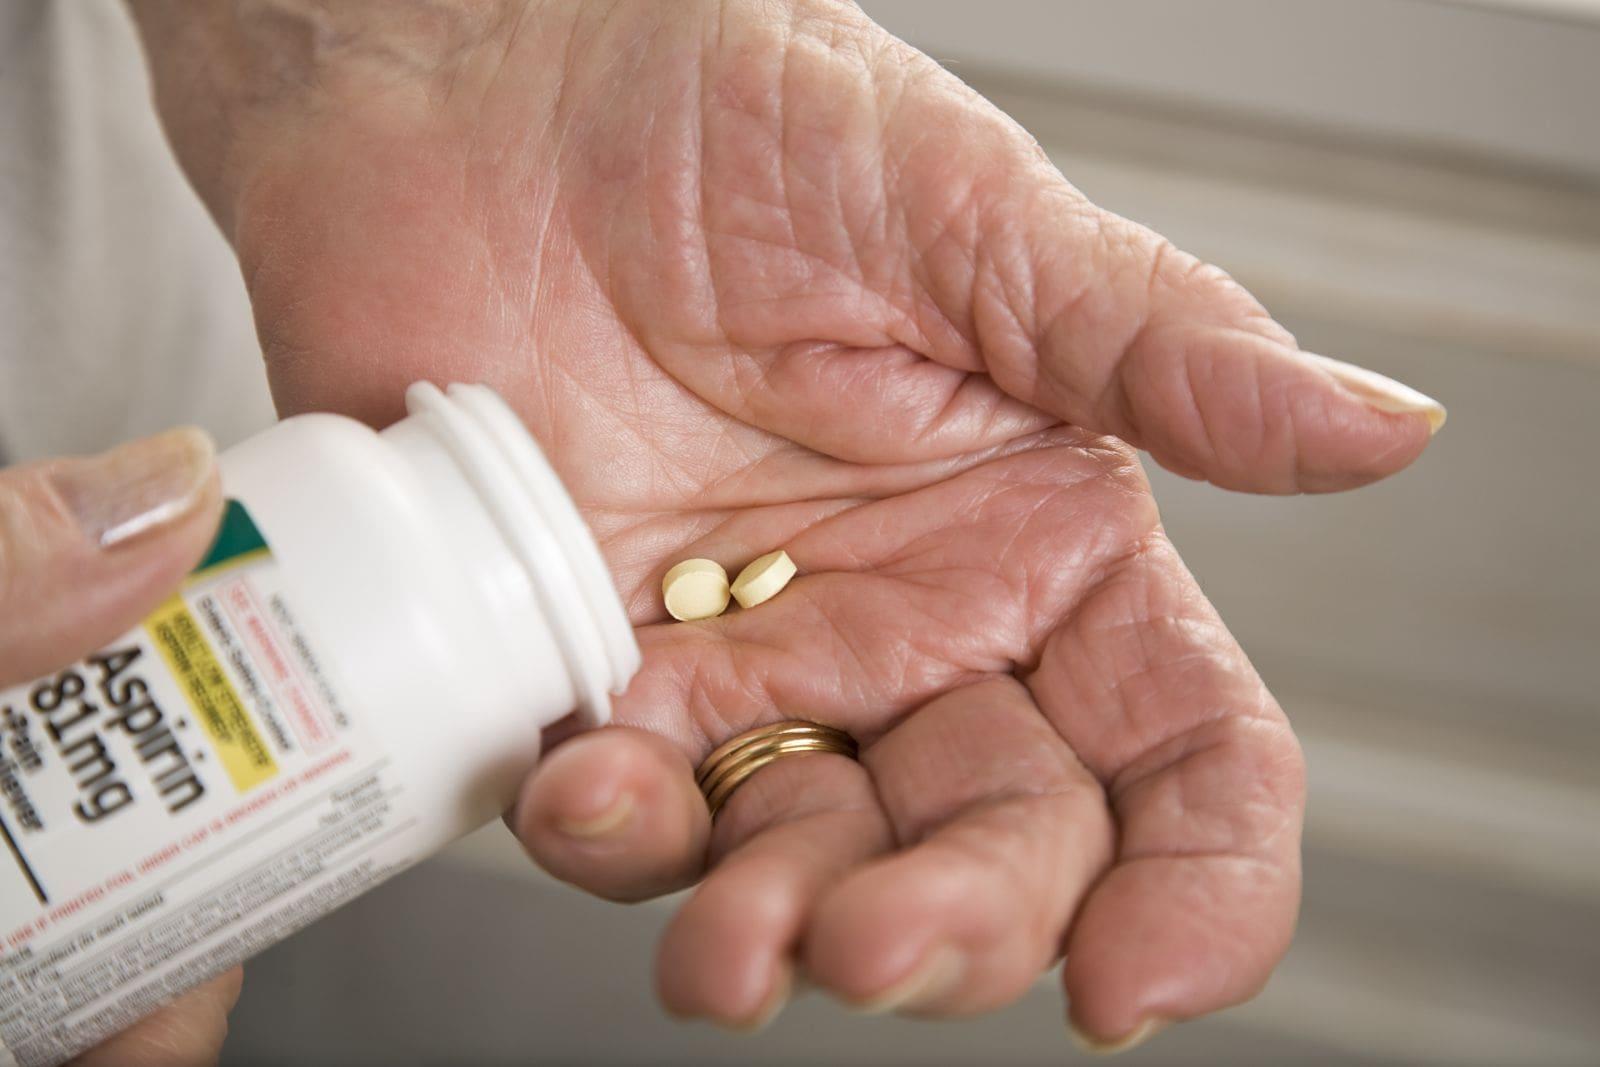 Возможно, «сердечники» получают неправильную дозу аспирина